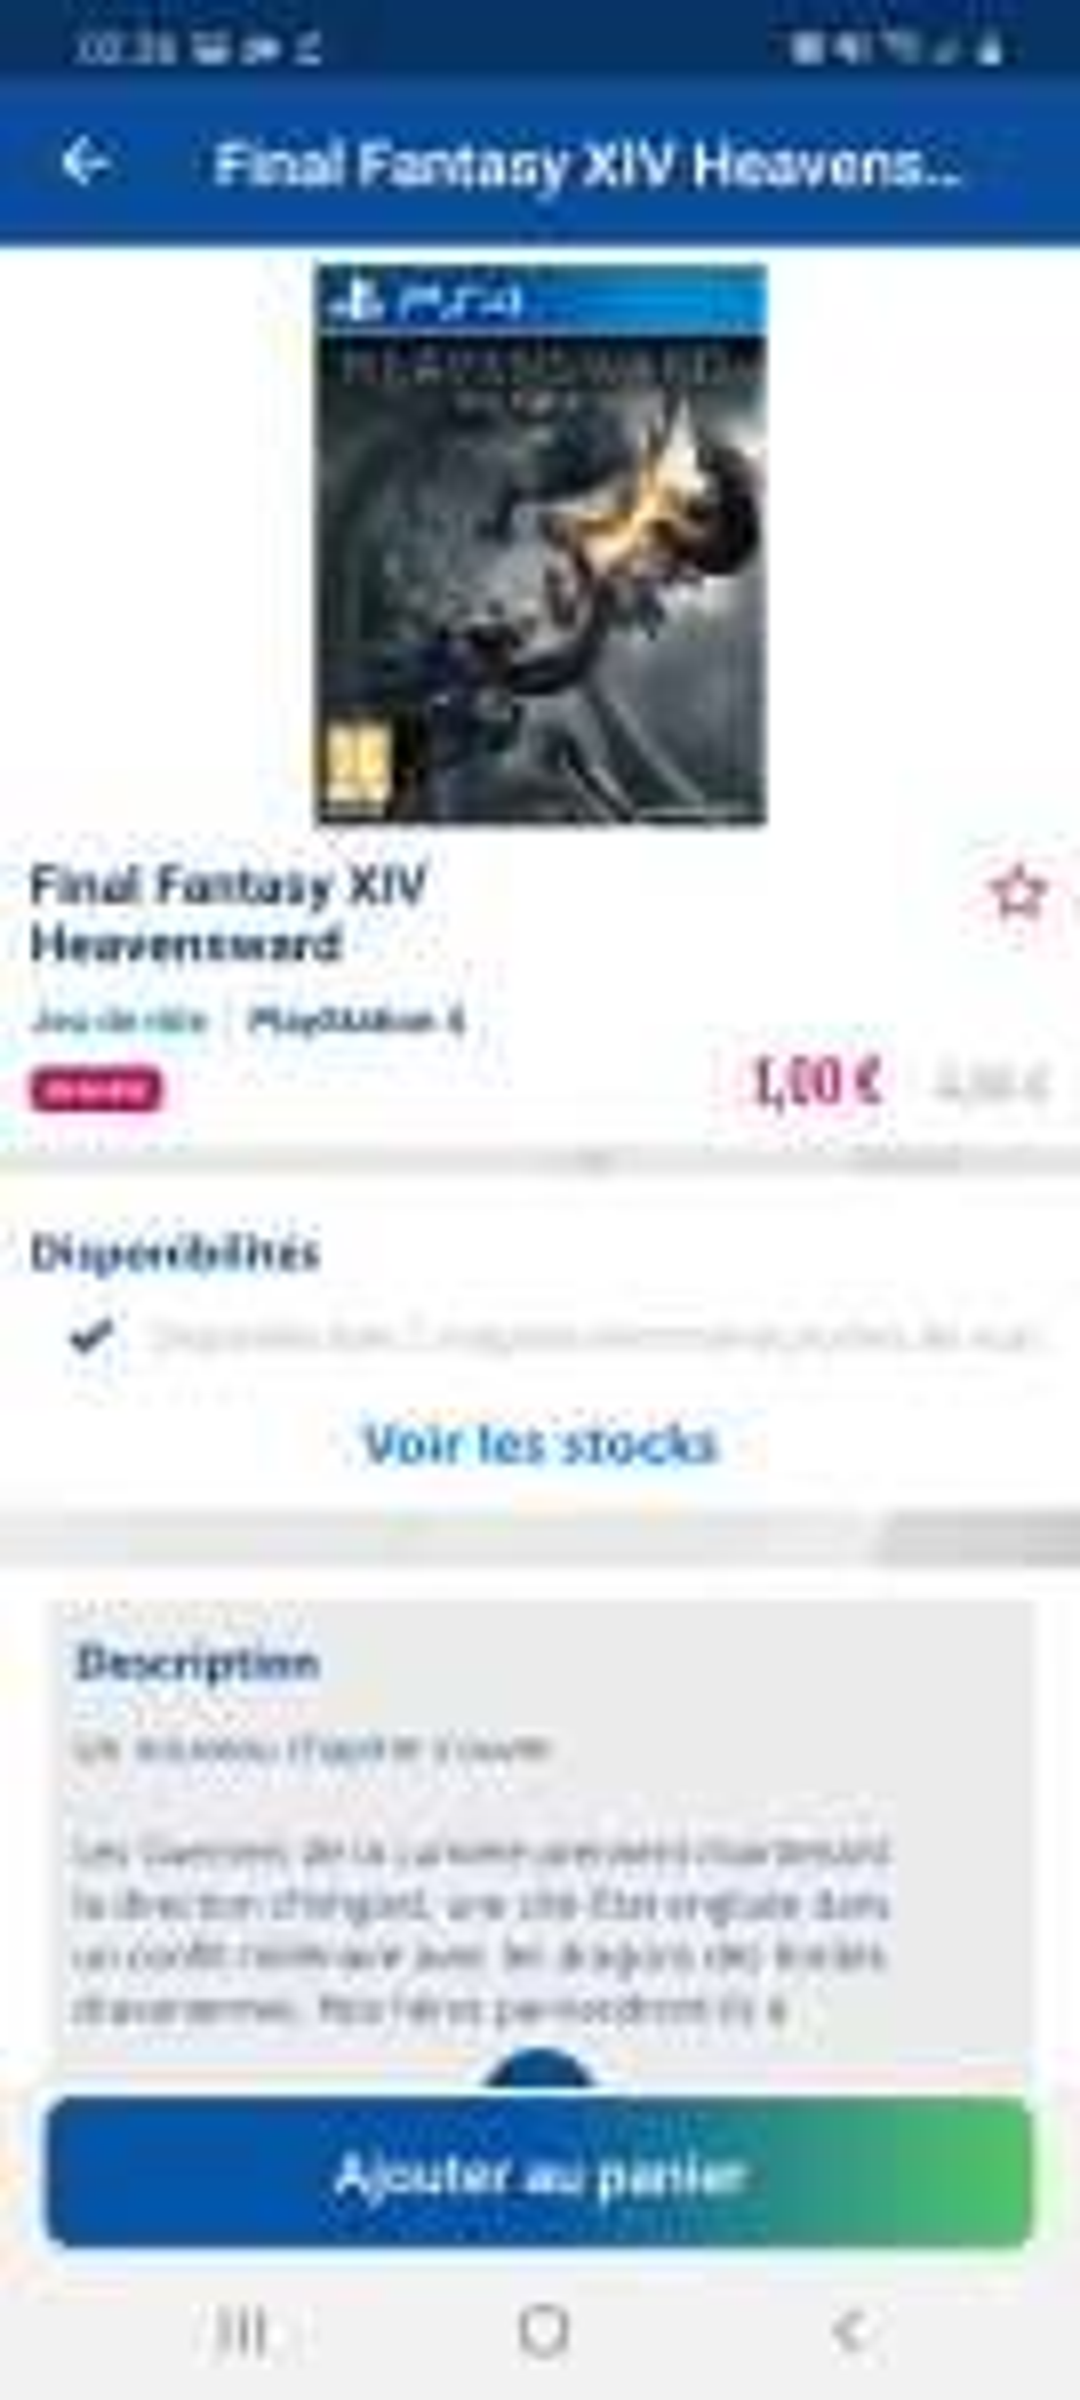 Produits en Promotion (Via Application Mobile dans une sélection de Magasins) - Ex: Extension Final Fantasy XIV: Heavensward sur PS4